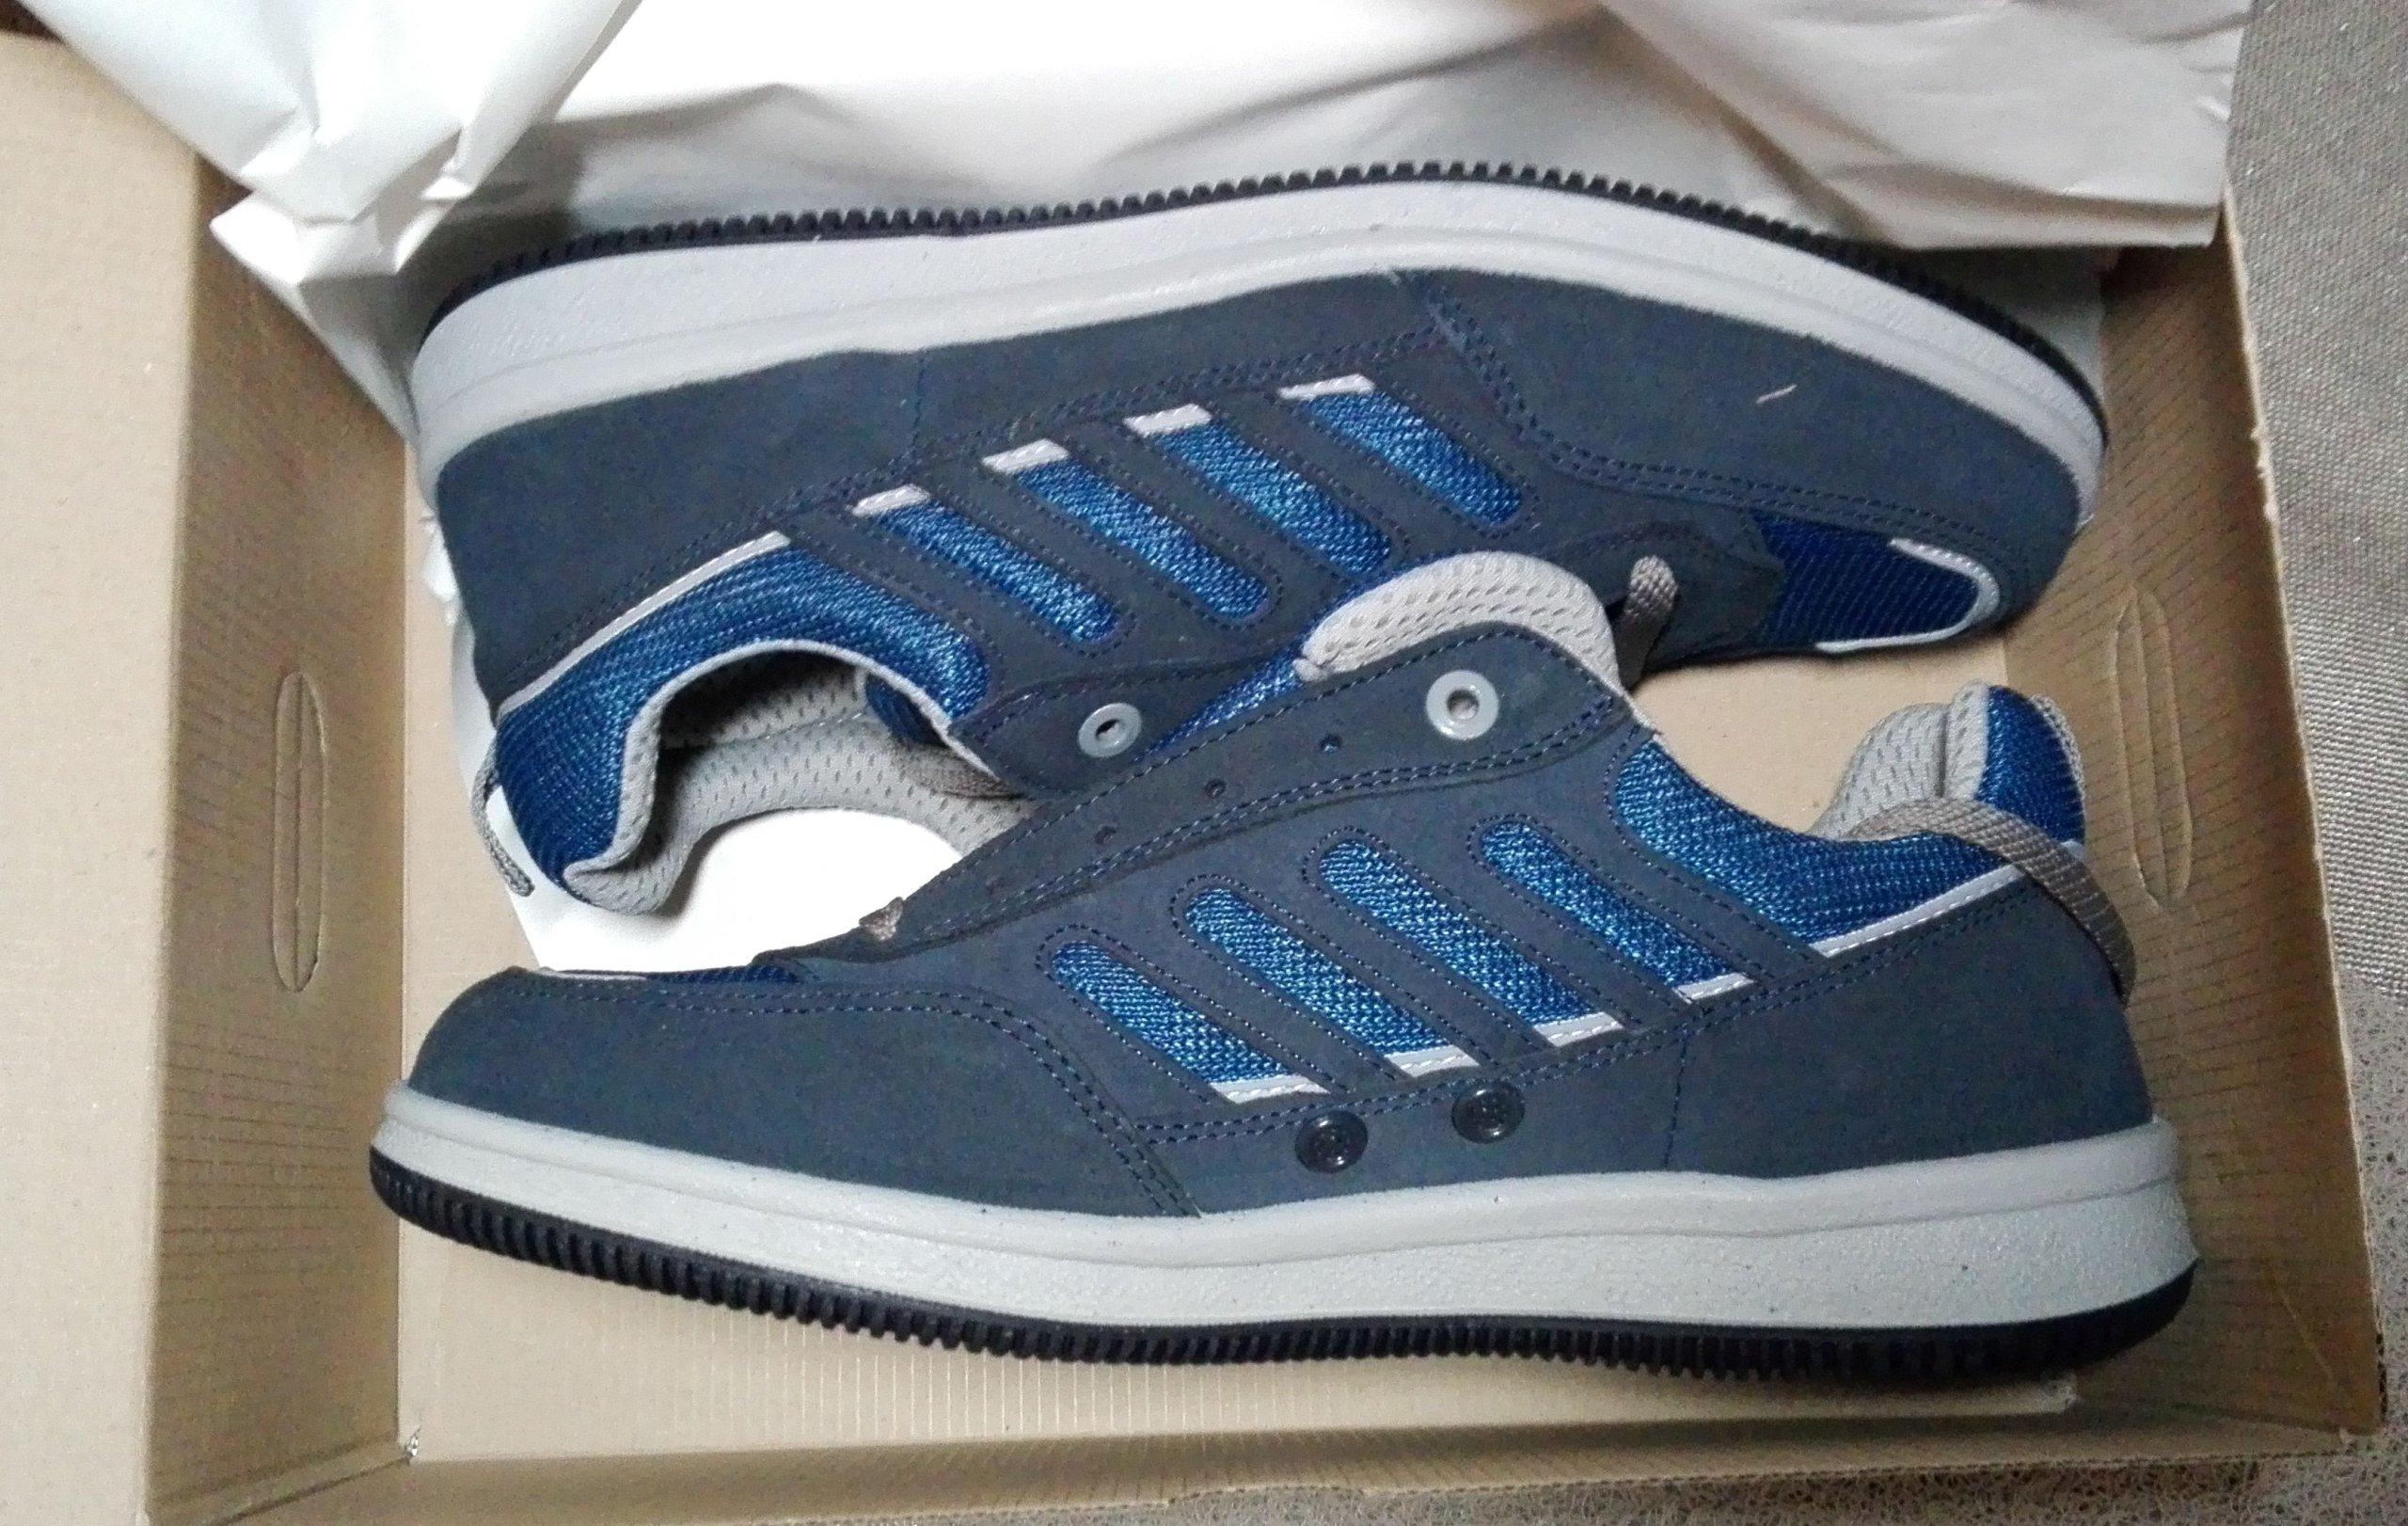 c2b750c20 buty sportowe w kategorii Kolekcje lodz w Oficjalnym Archiwum Allegro -  archiwum ofert